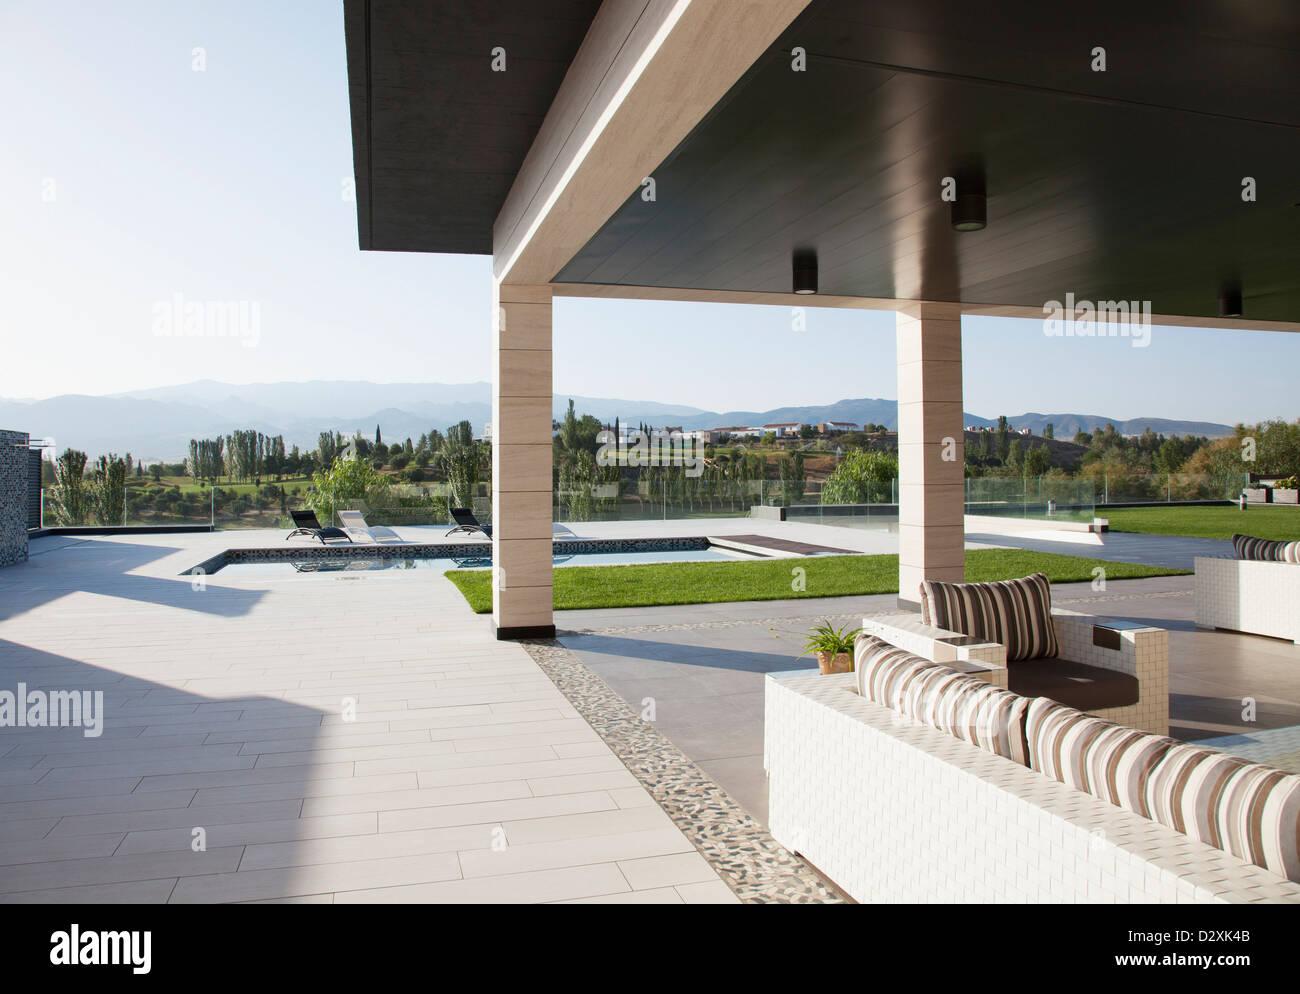 Luxus Terrasse Mit Blick Auf Pool Und Berge Stockfoto Bild